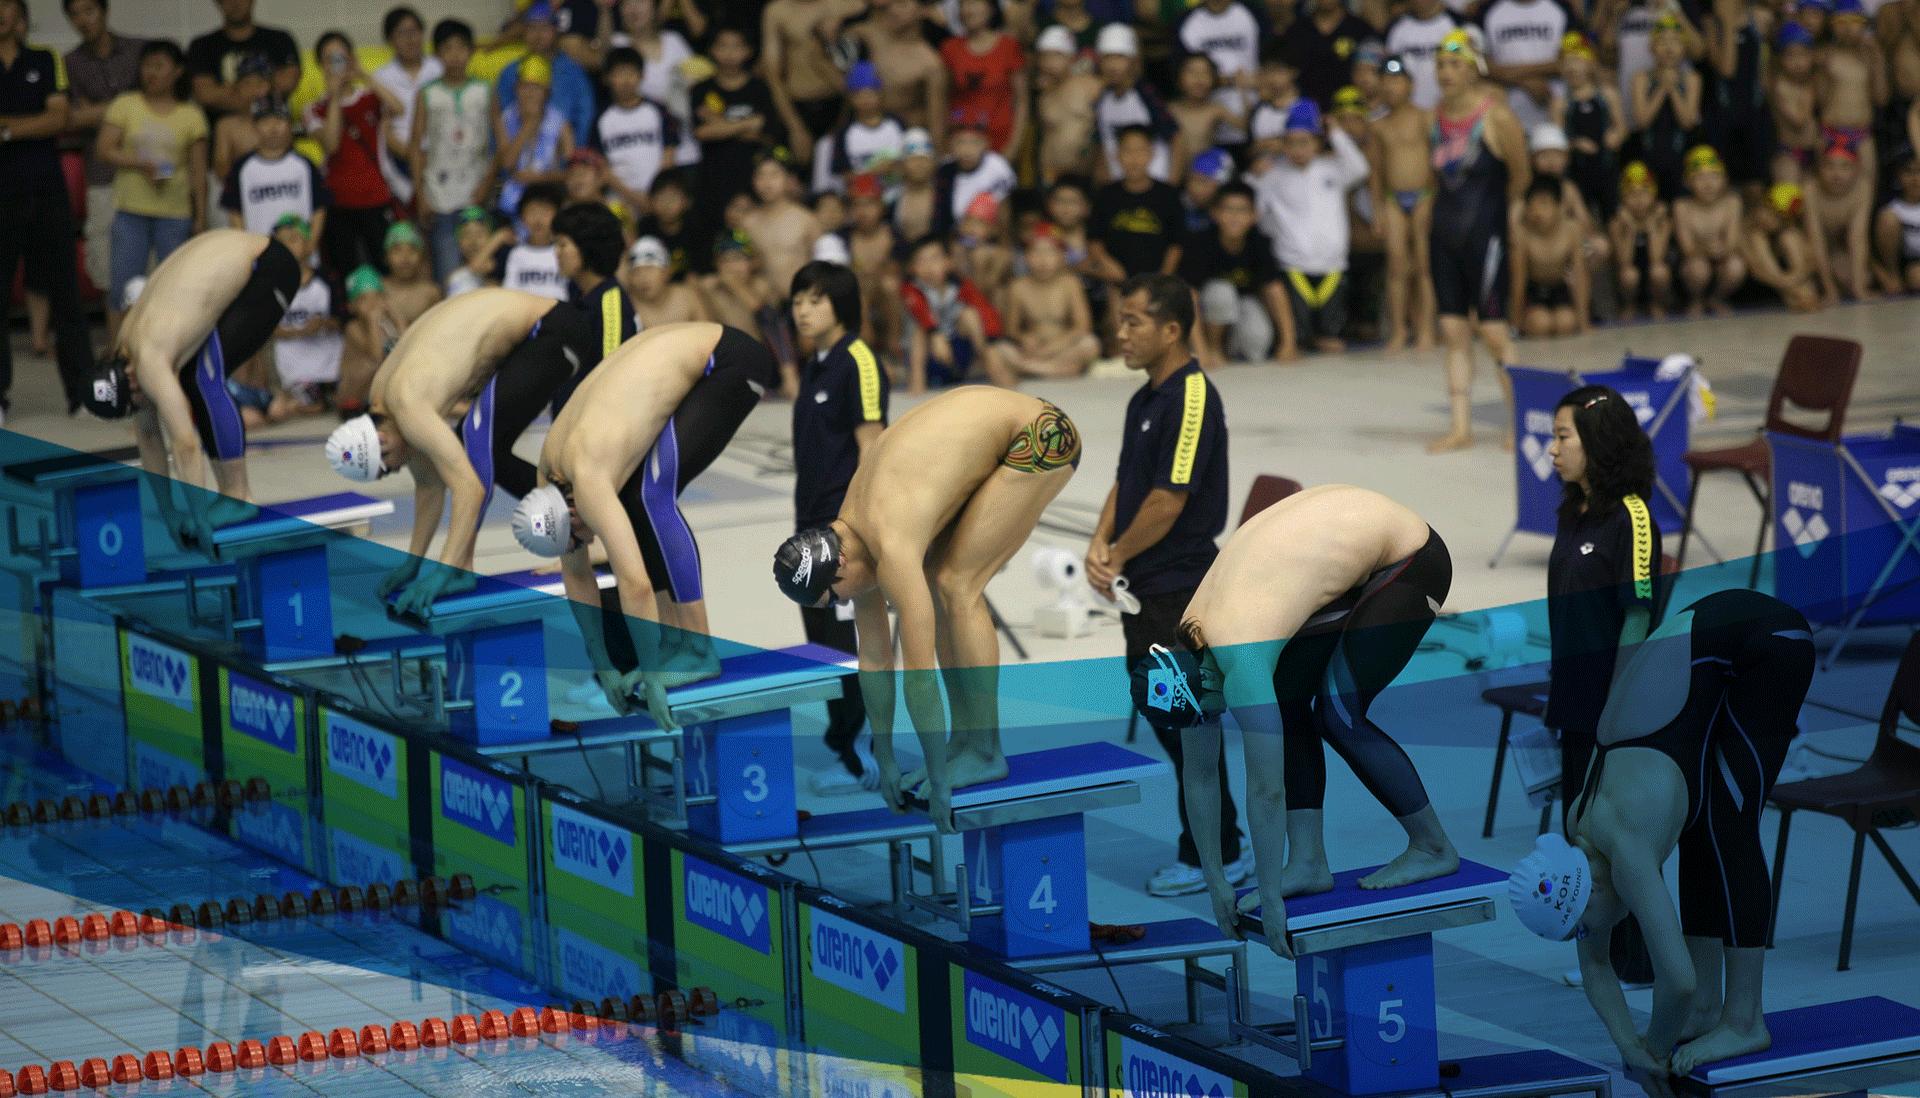 Schwimmtraining – Corona-Pandemie